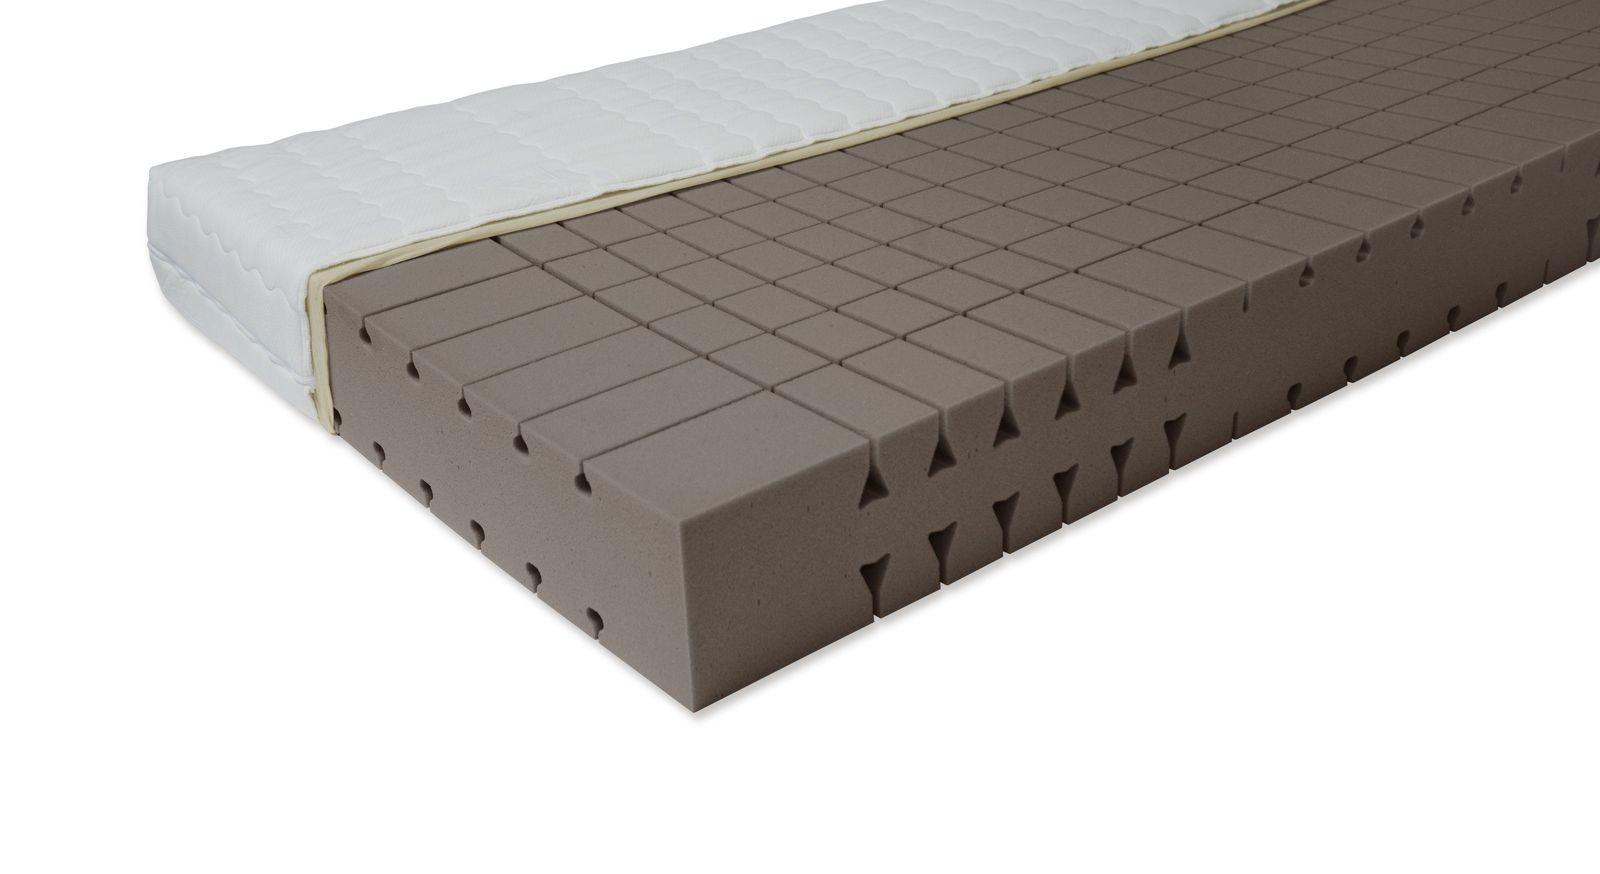 Kaltschaum-Matratze orthowell relax mit ergonomischen Kerneinschnitten